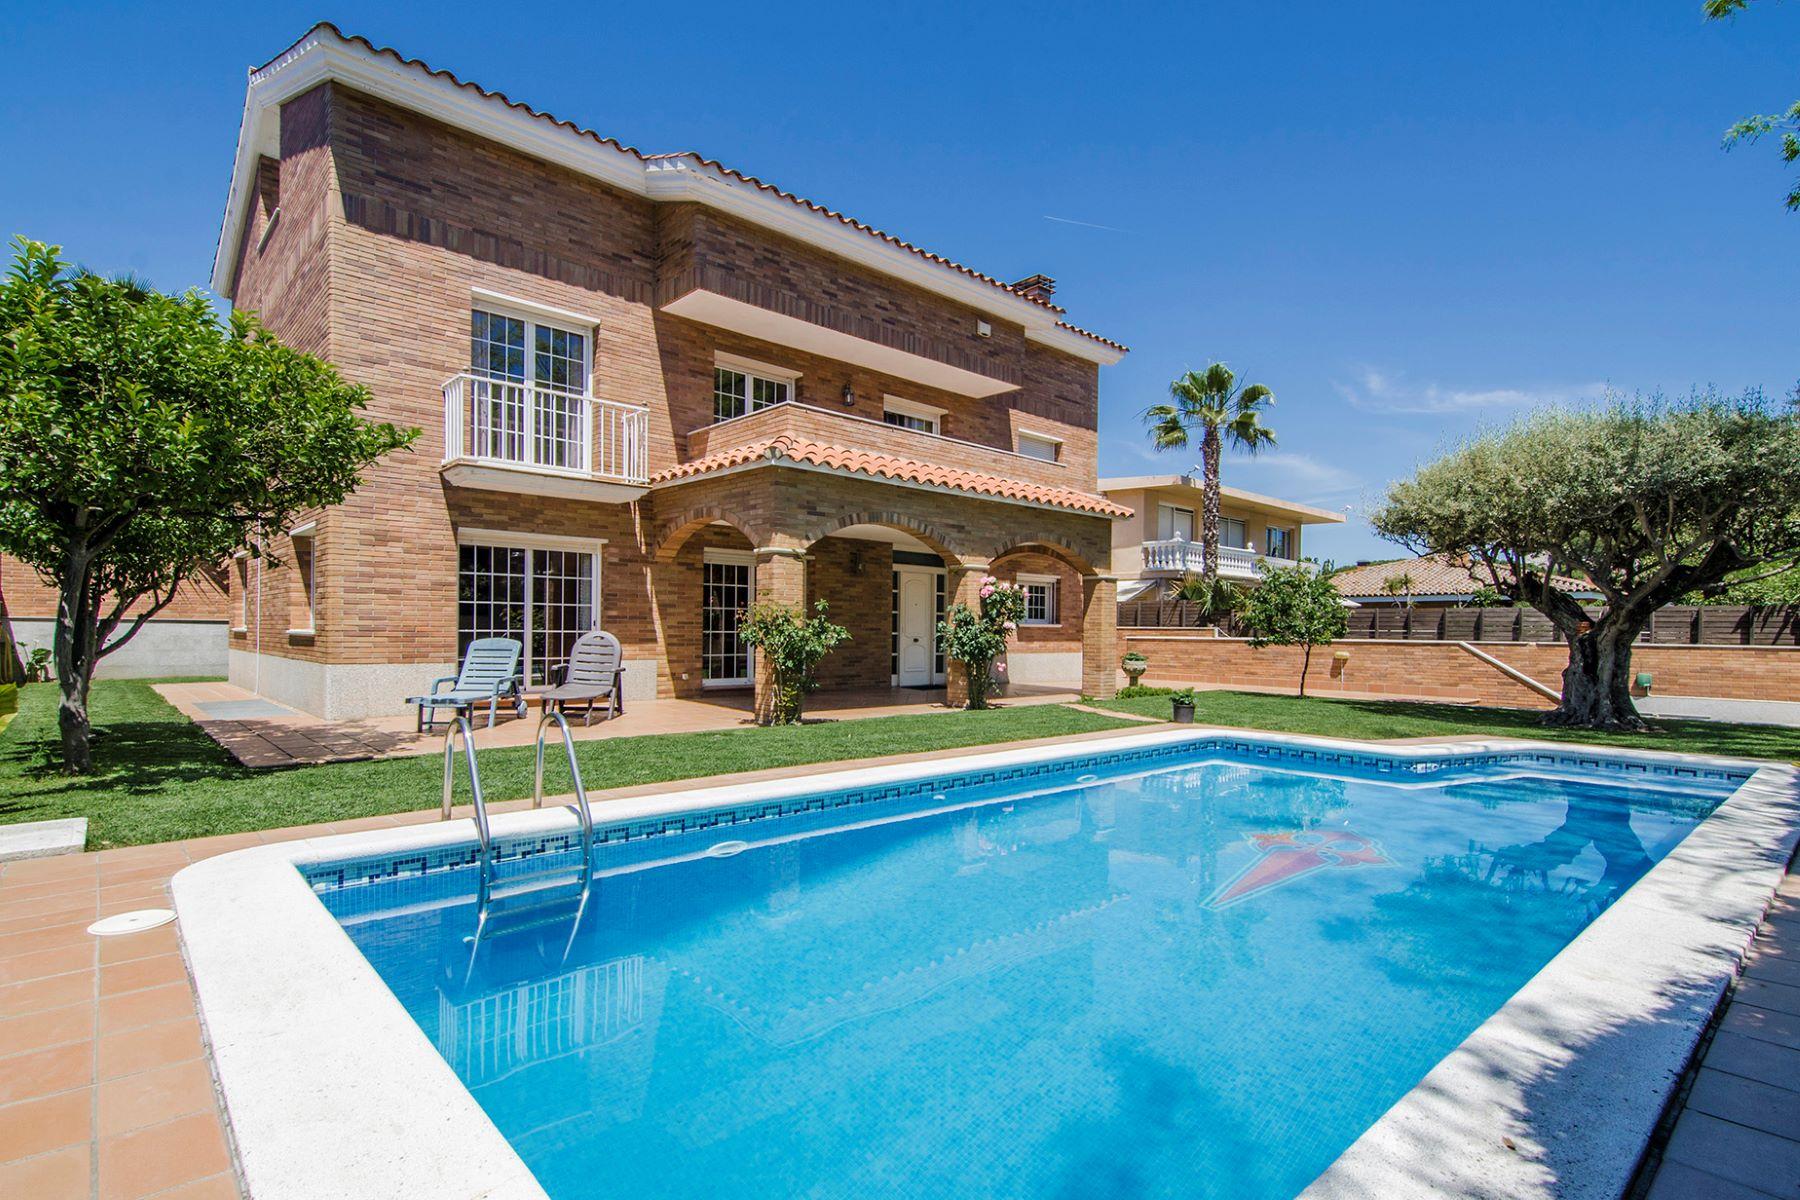 Casa Unifamiliar por un Venta en Big House with a swimming pool in Premia de Mar Vilassar De Mar, Barcelona, 08340 España